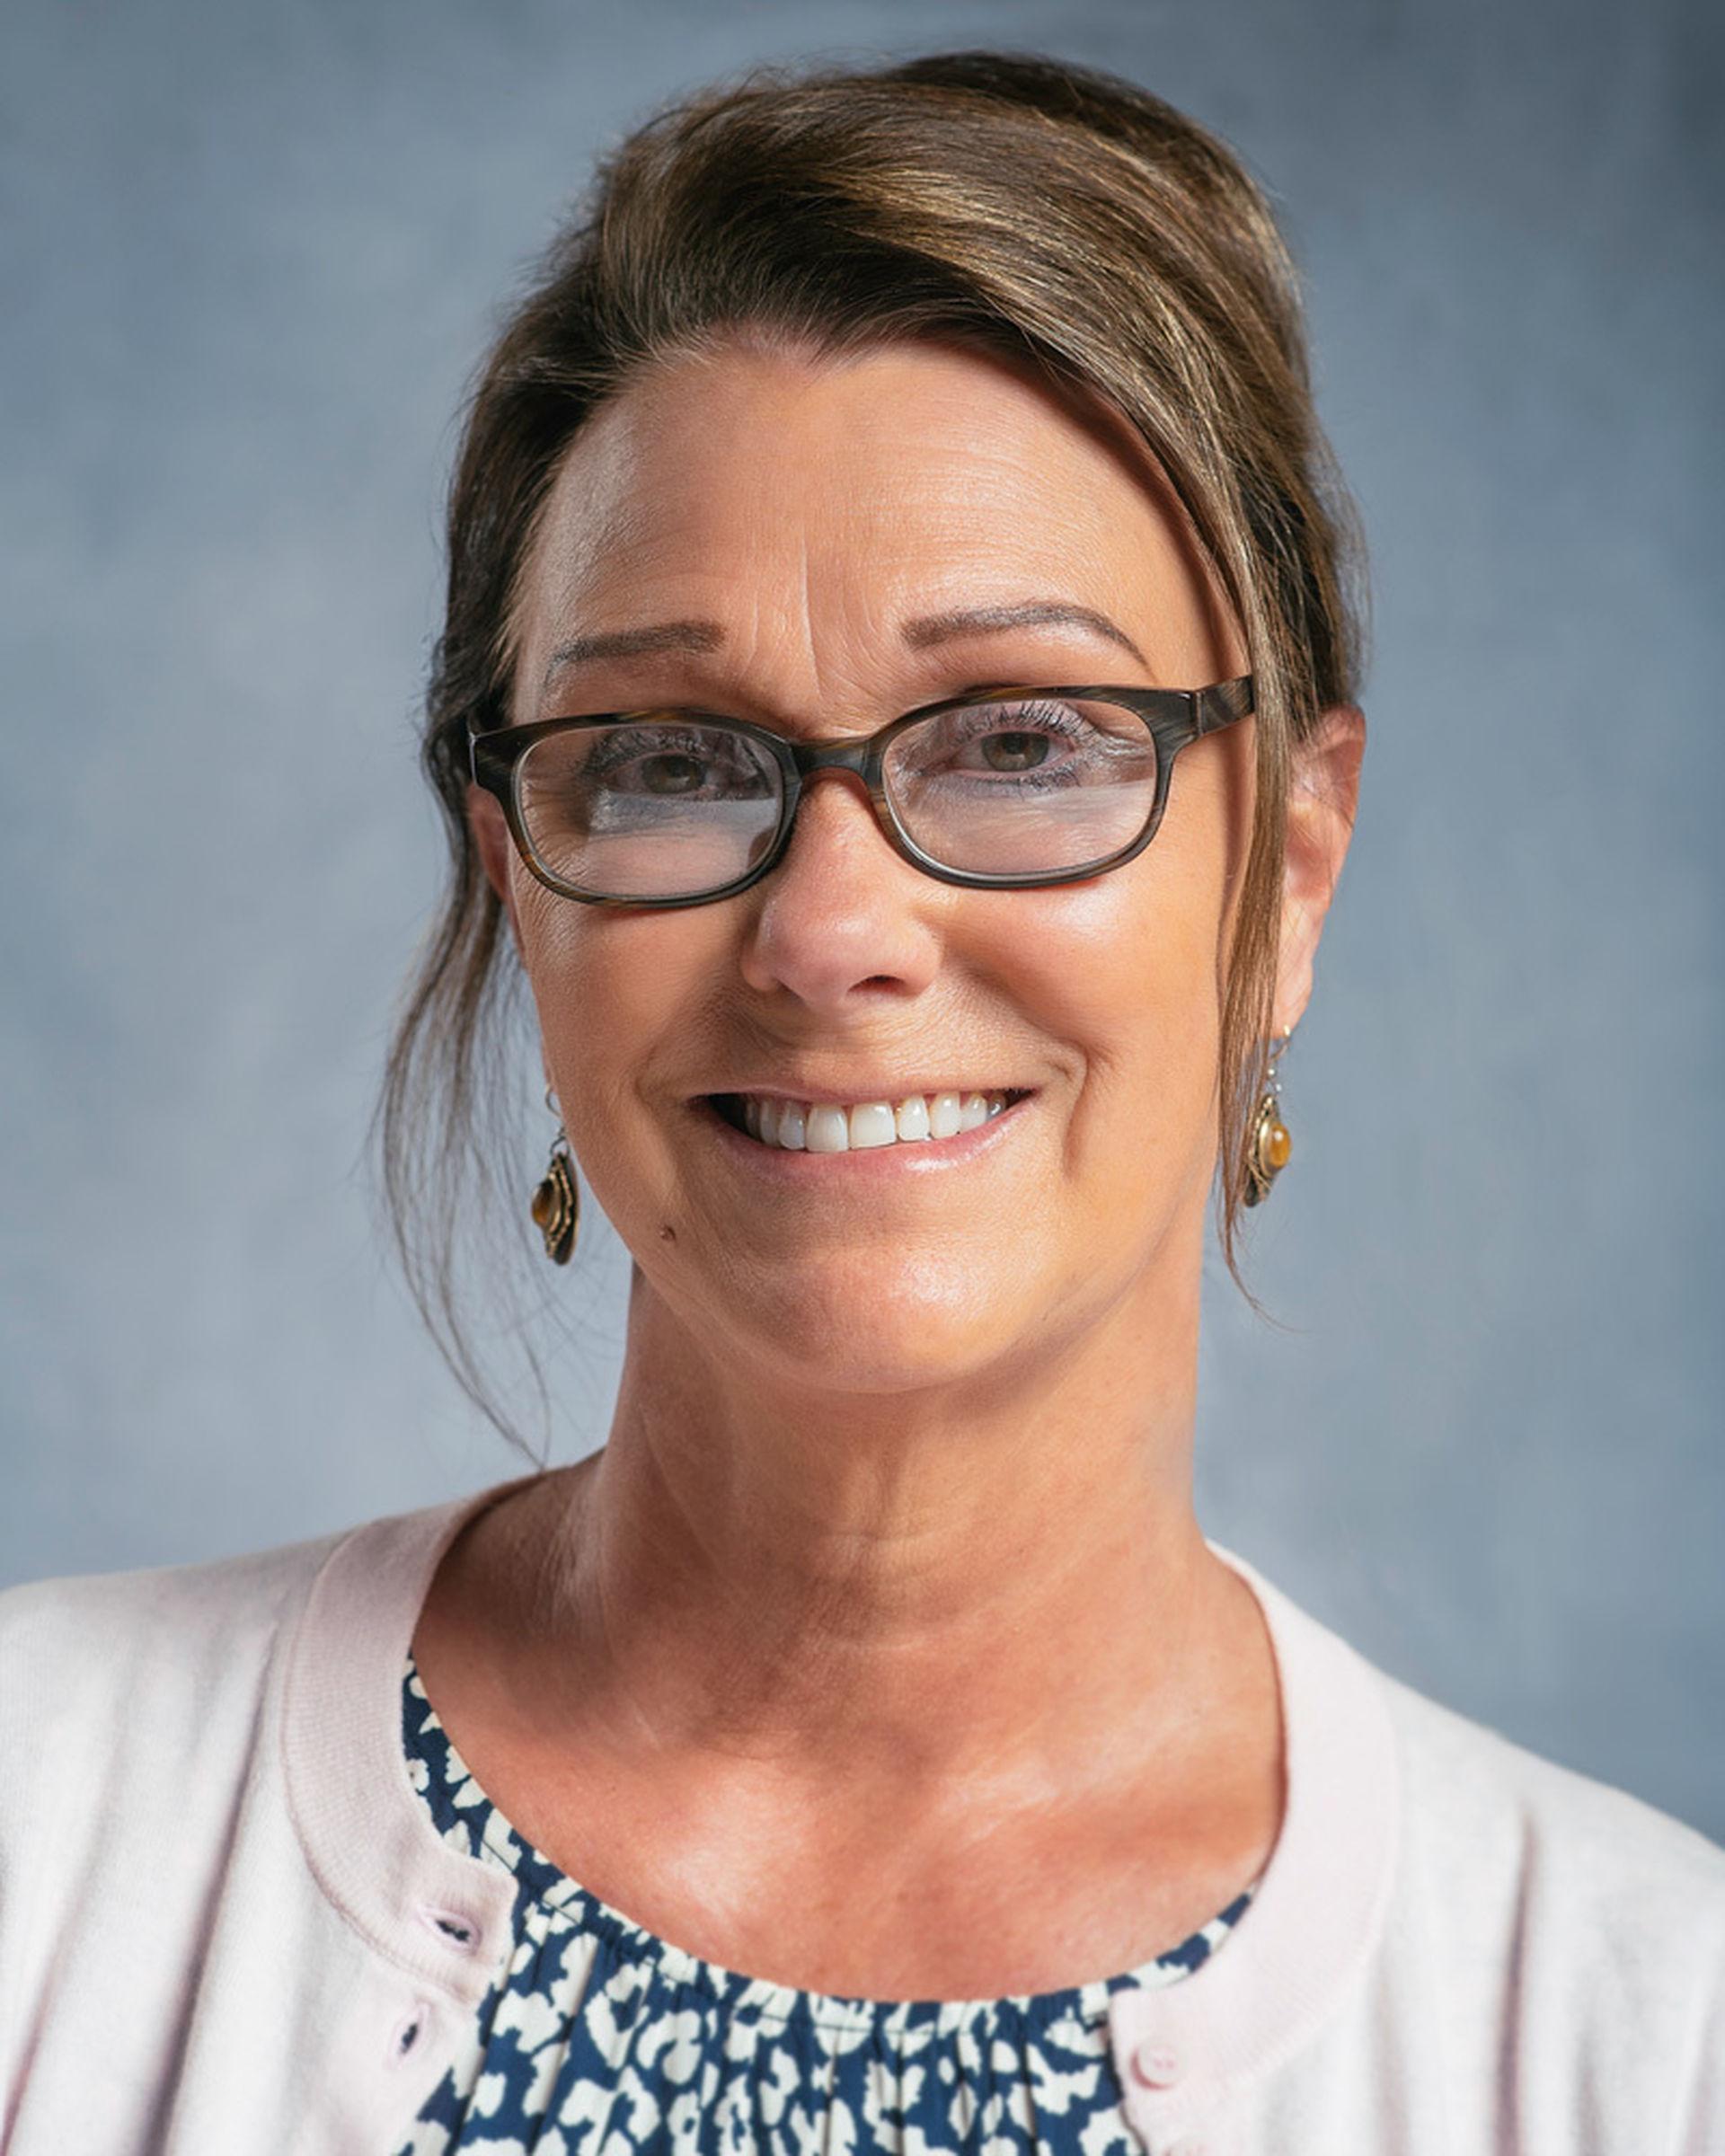 Lisa Goebel * Portrait